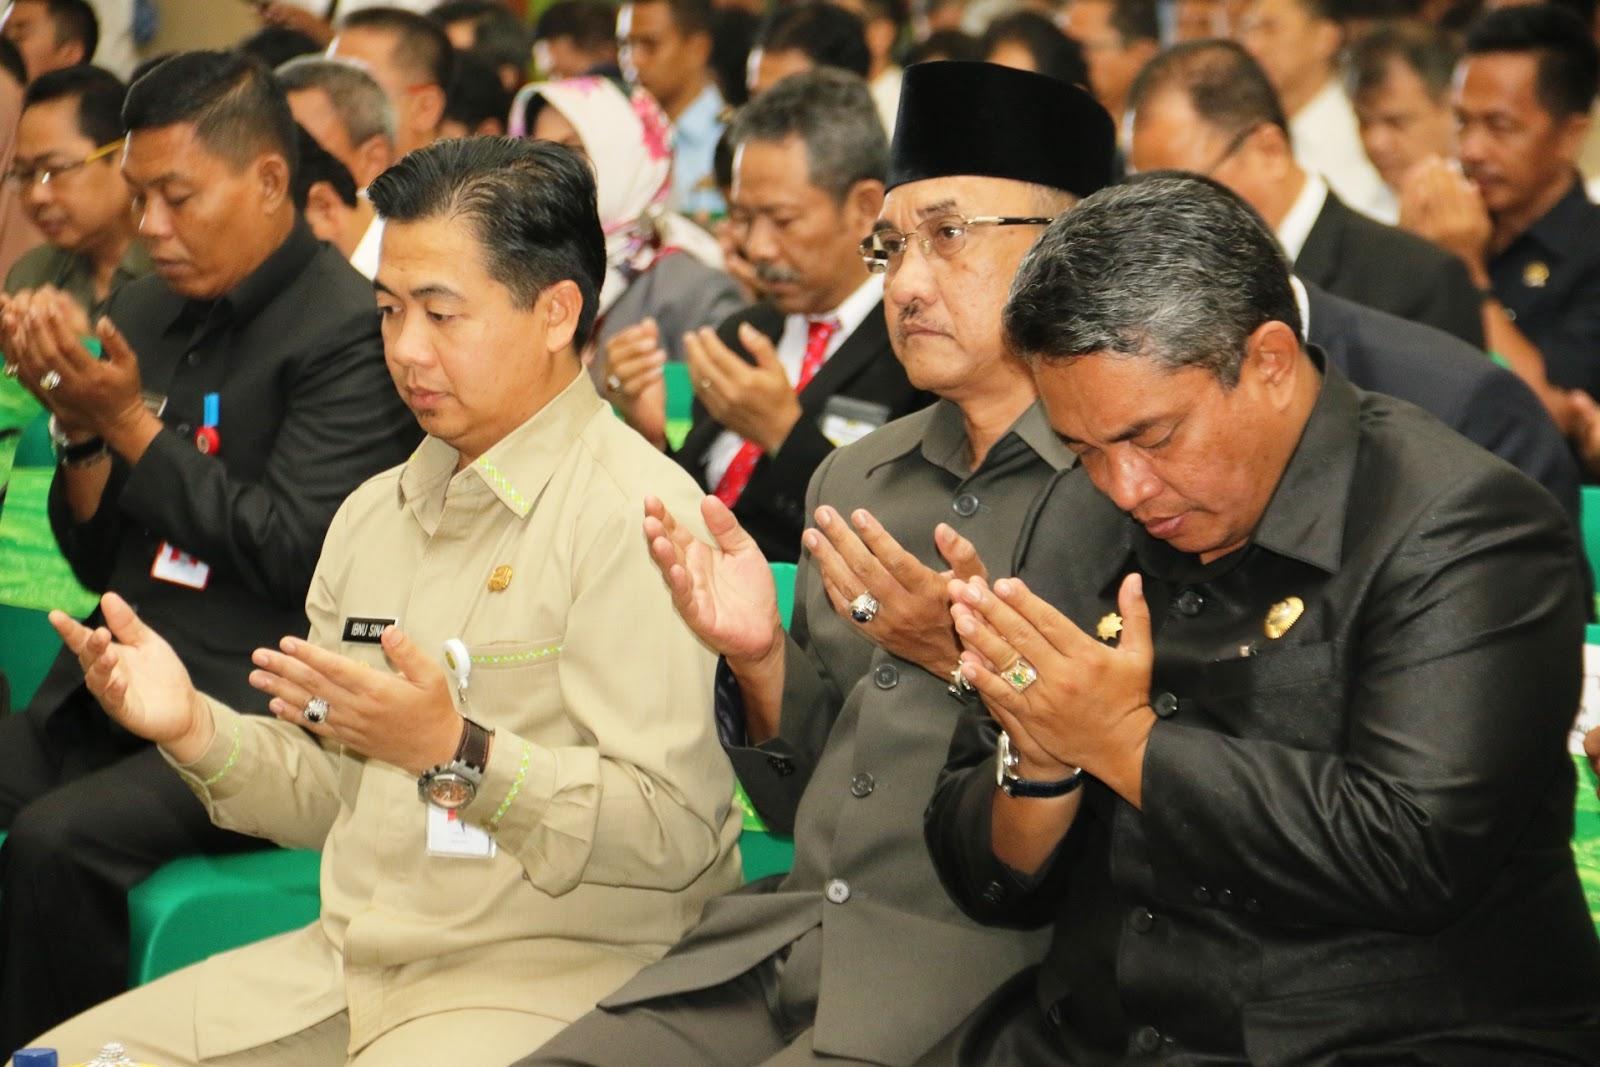 walikota banjarmasin ibnu sina yang hadir bersama kepala bpkad ahmad syaffri azmi dan dispenda subhan nor yaumil mengatakan bahwa dengan